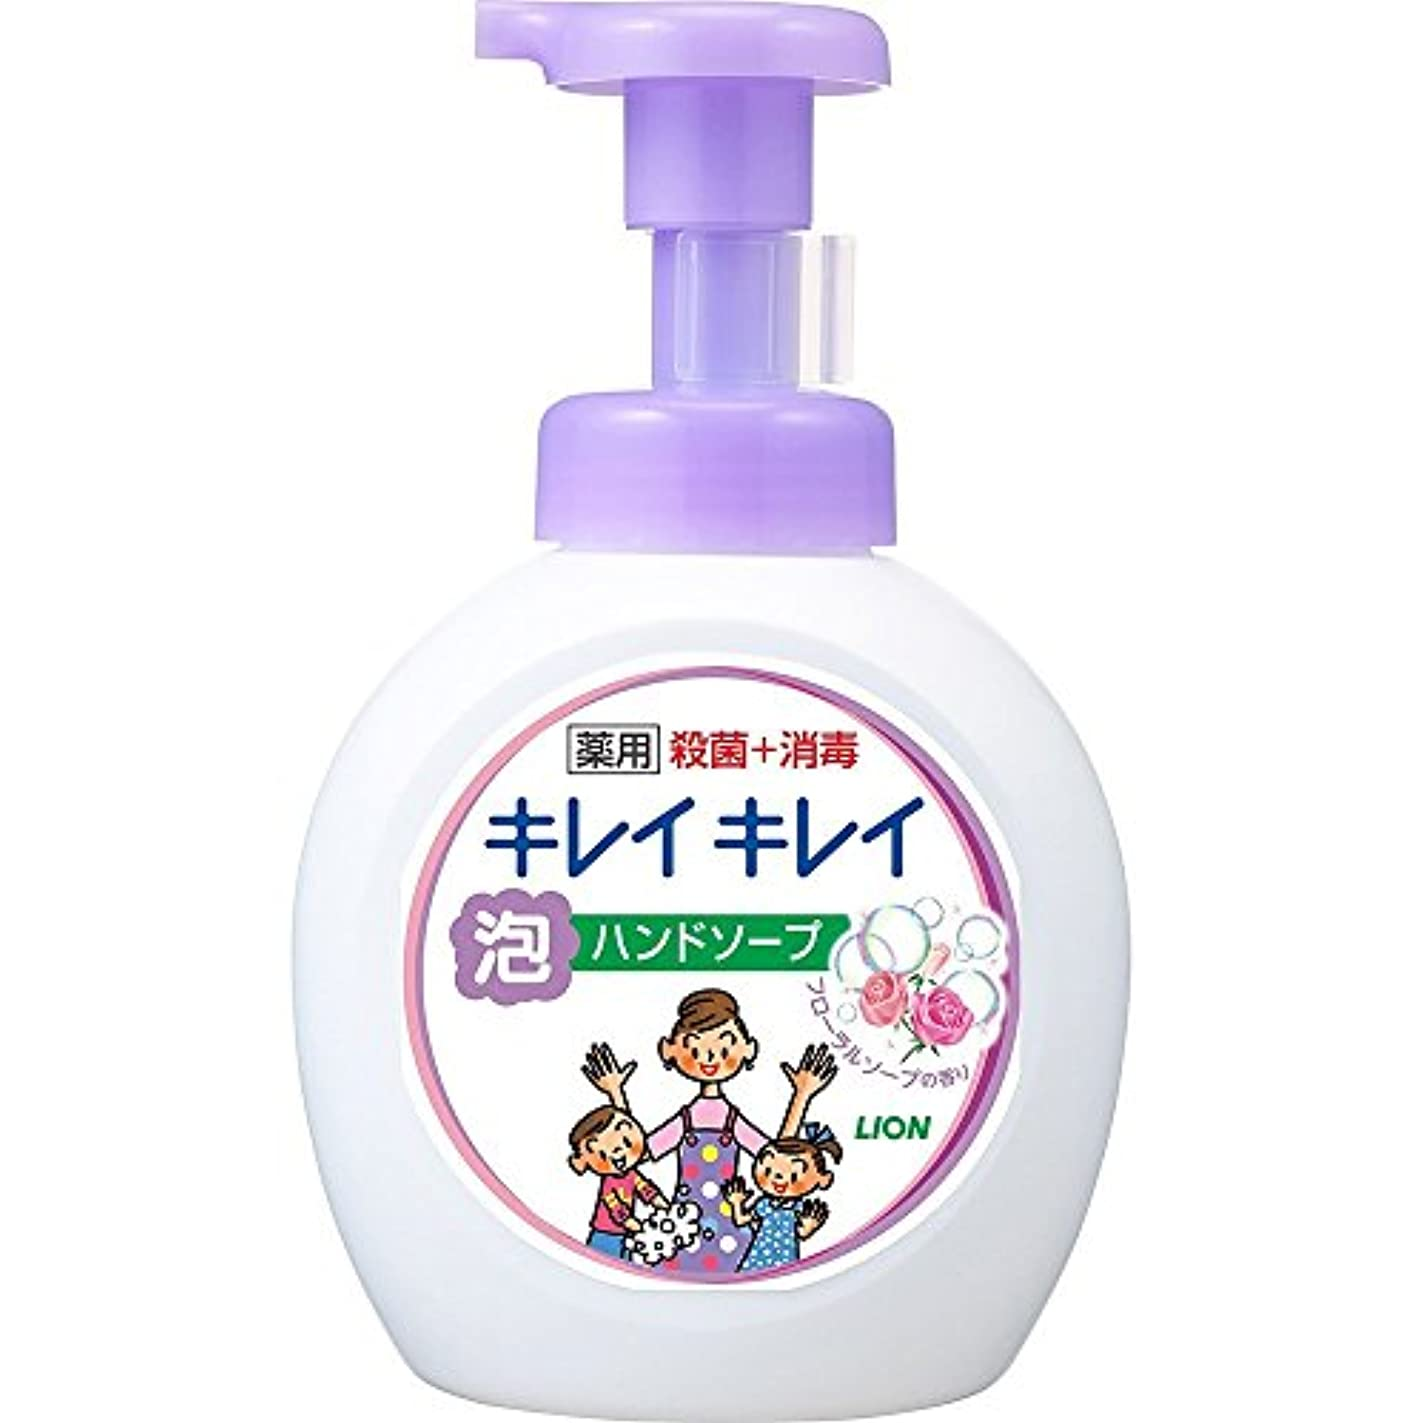 川同化犠牲キレイキレイ 薬用 泡ハンドソープ フローラルソープの香り 本体ポンプ 大型サイズ 500ml(医薬部外品)